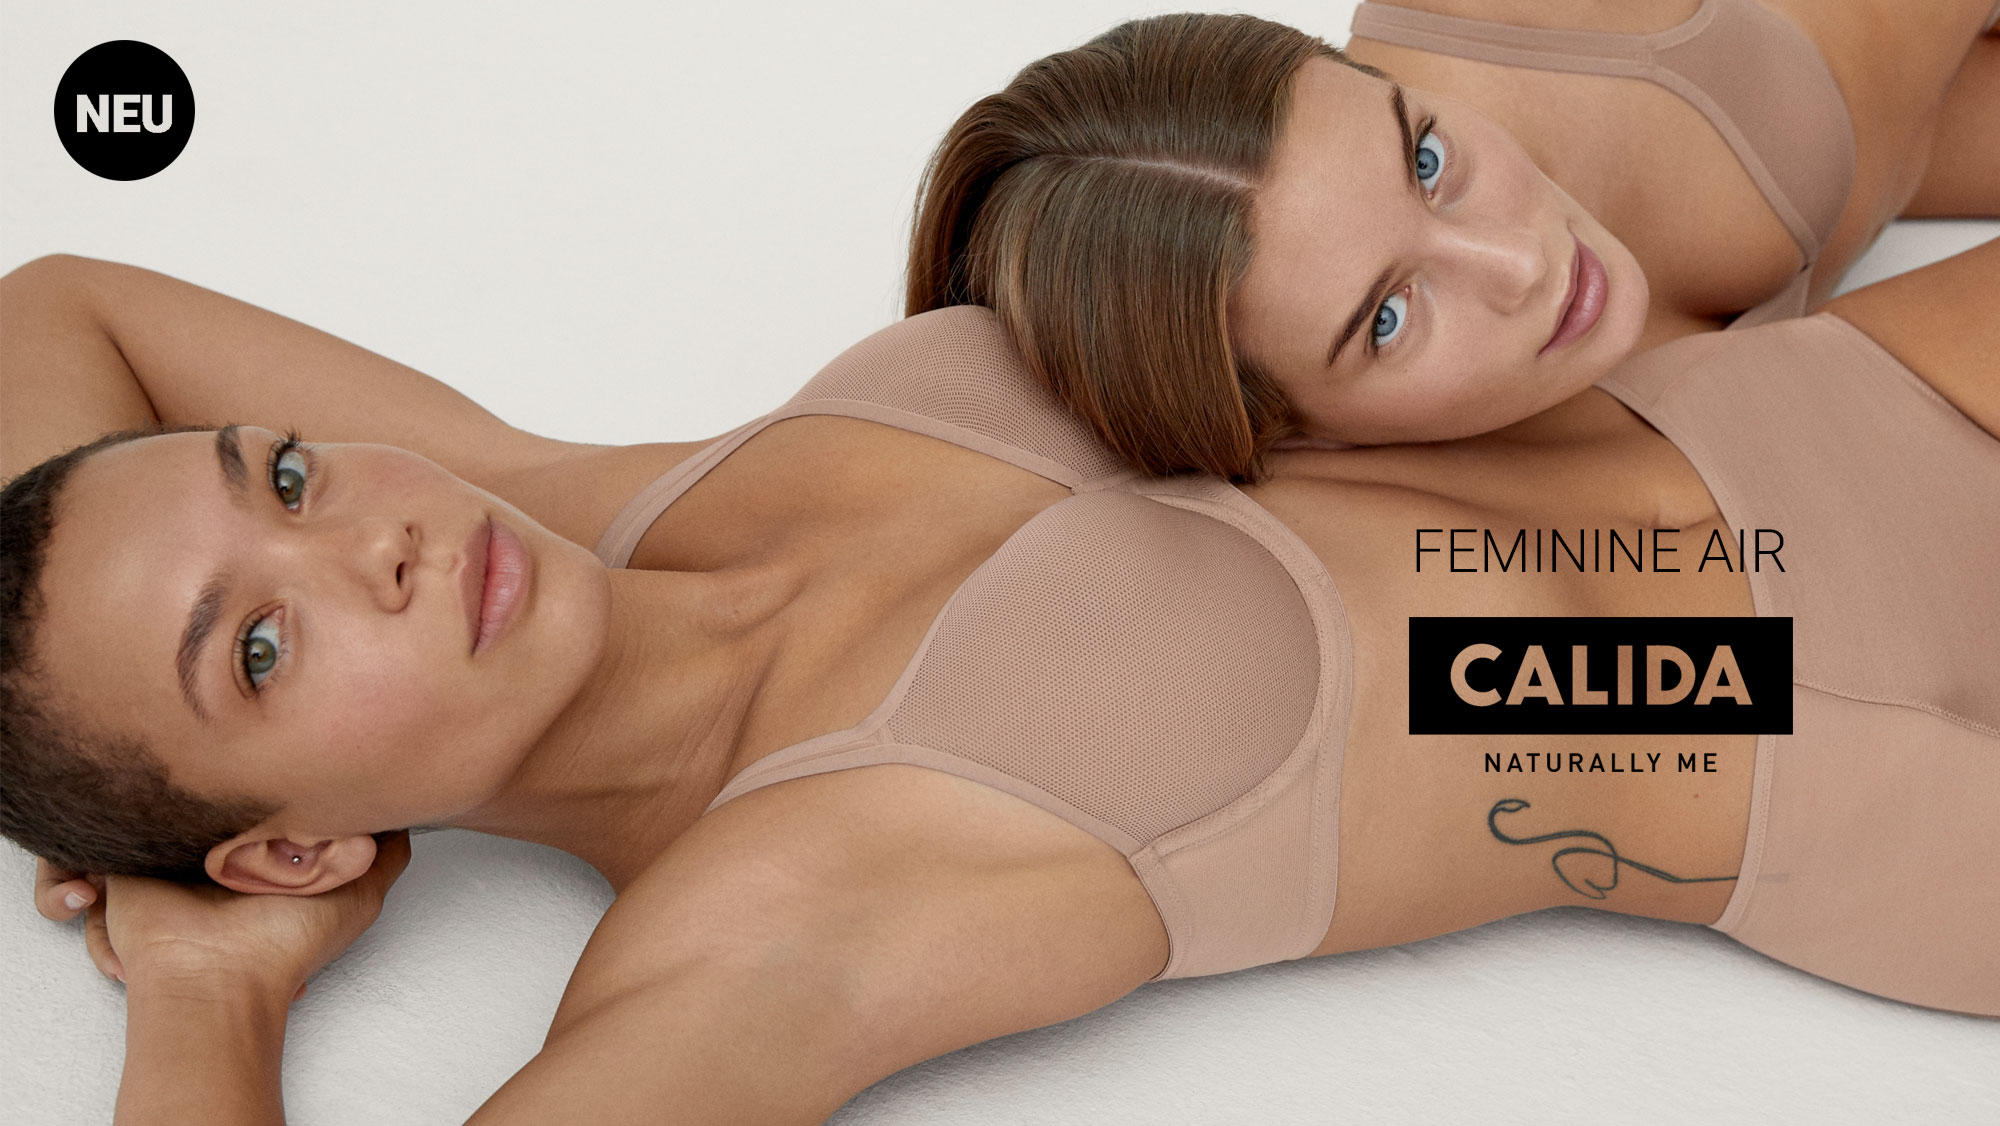 Calida Feminine Air